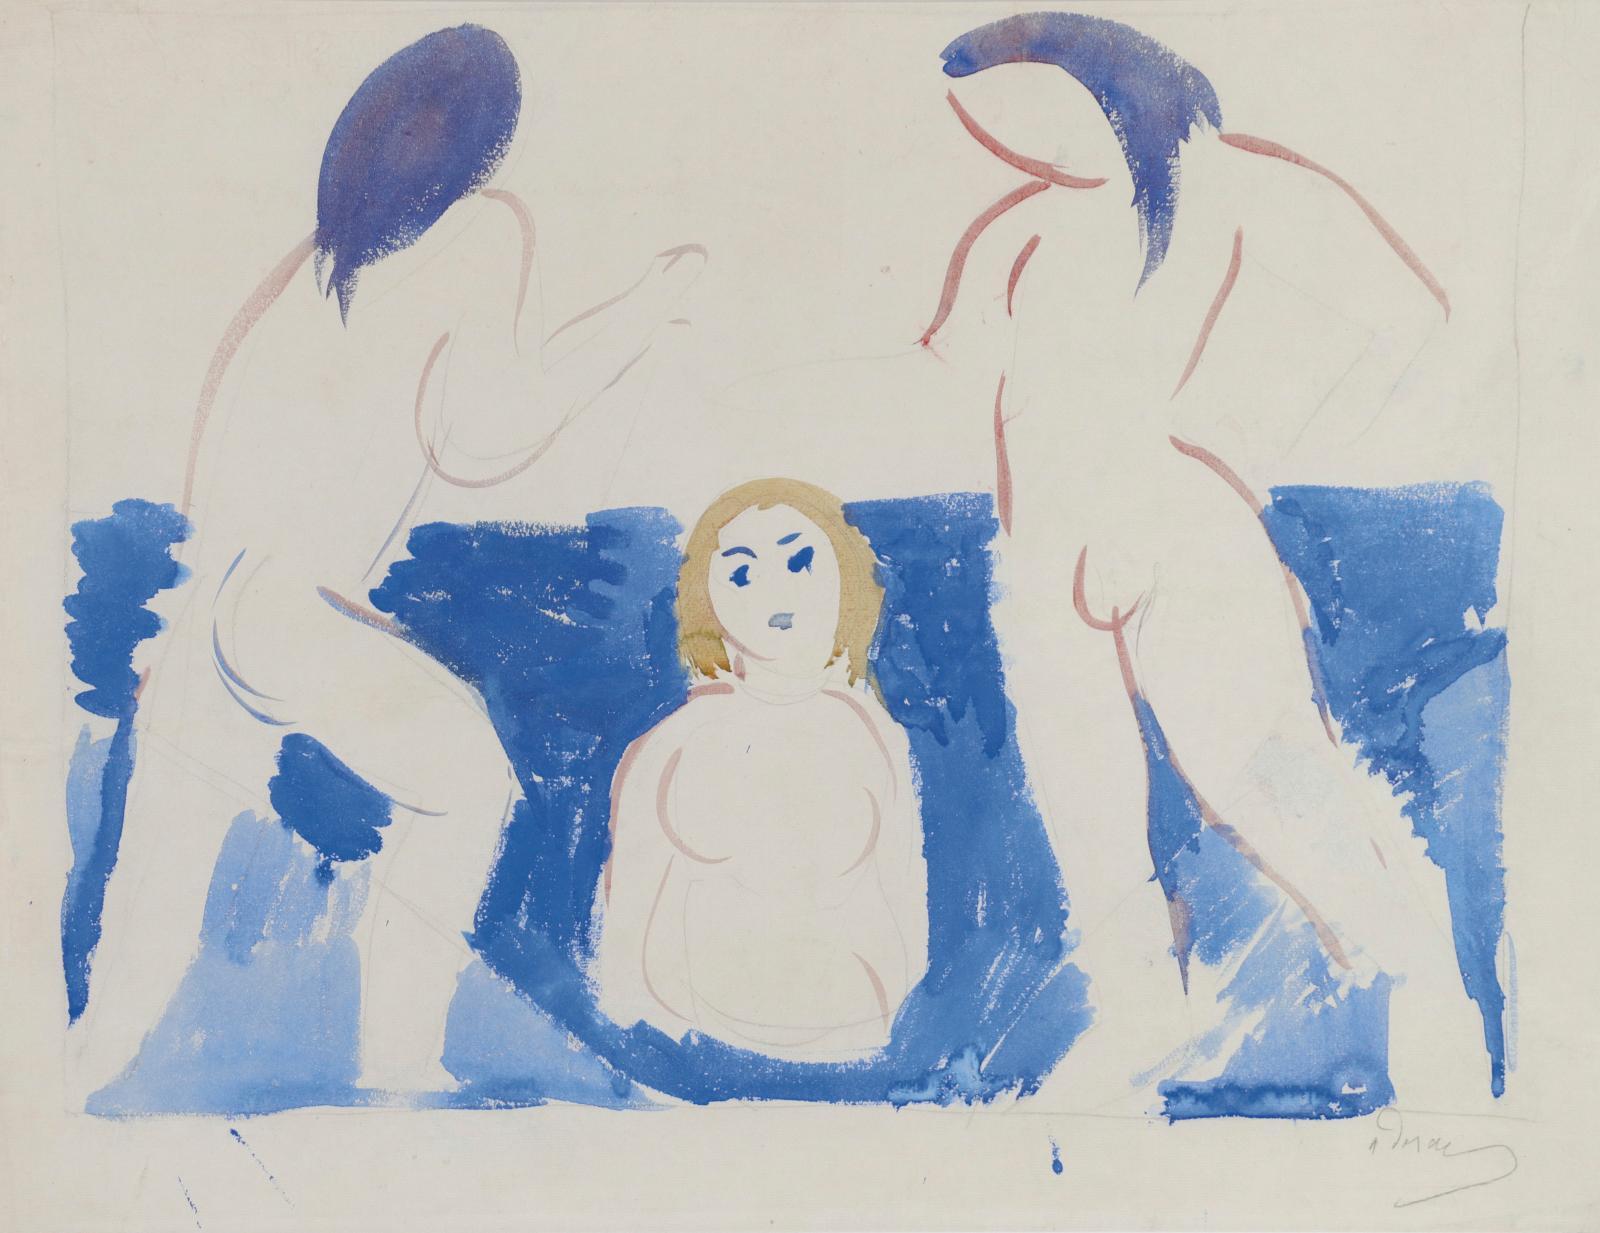 André Derain (1880-1954) a marqué de son empreinte la peinture moderne européenne, par son action au cœur du fauvisme. Datée très tôtdans